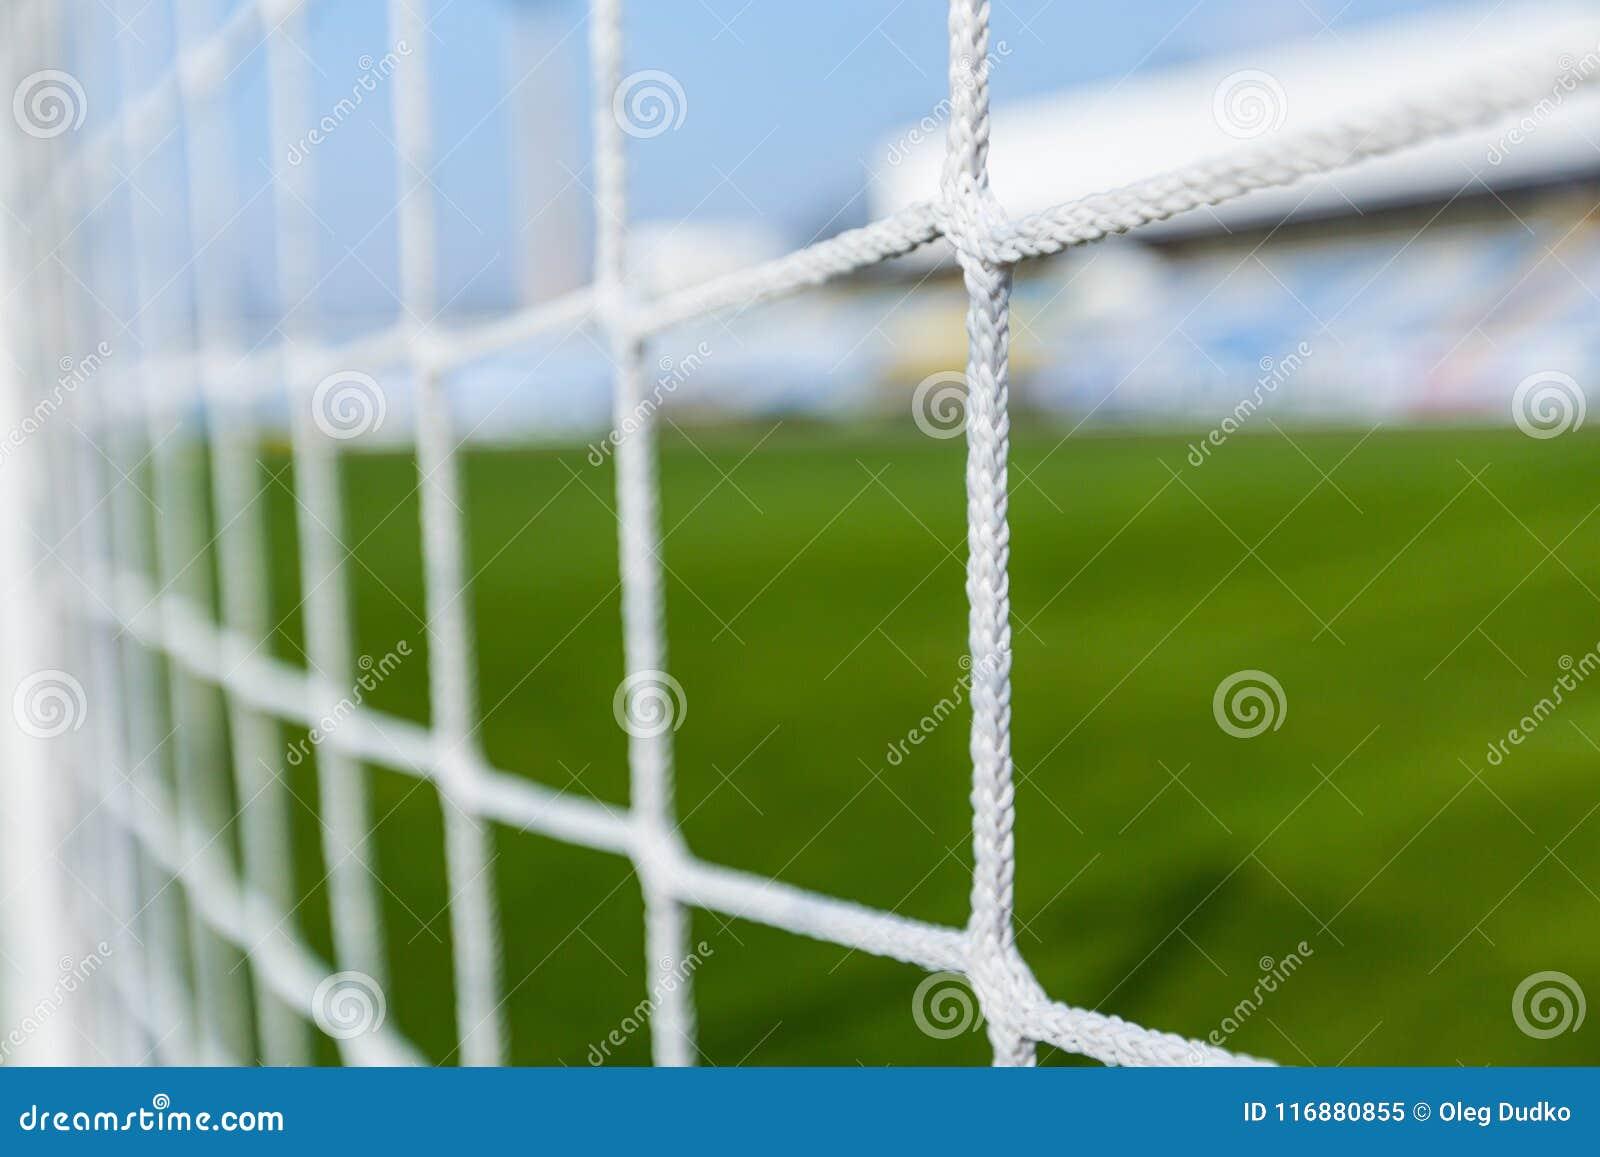 Primo piano di una rete di calcio